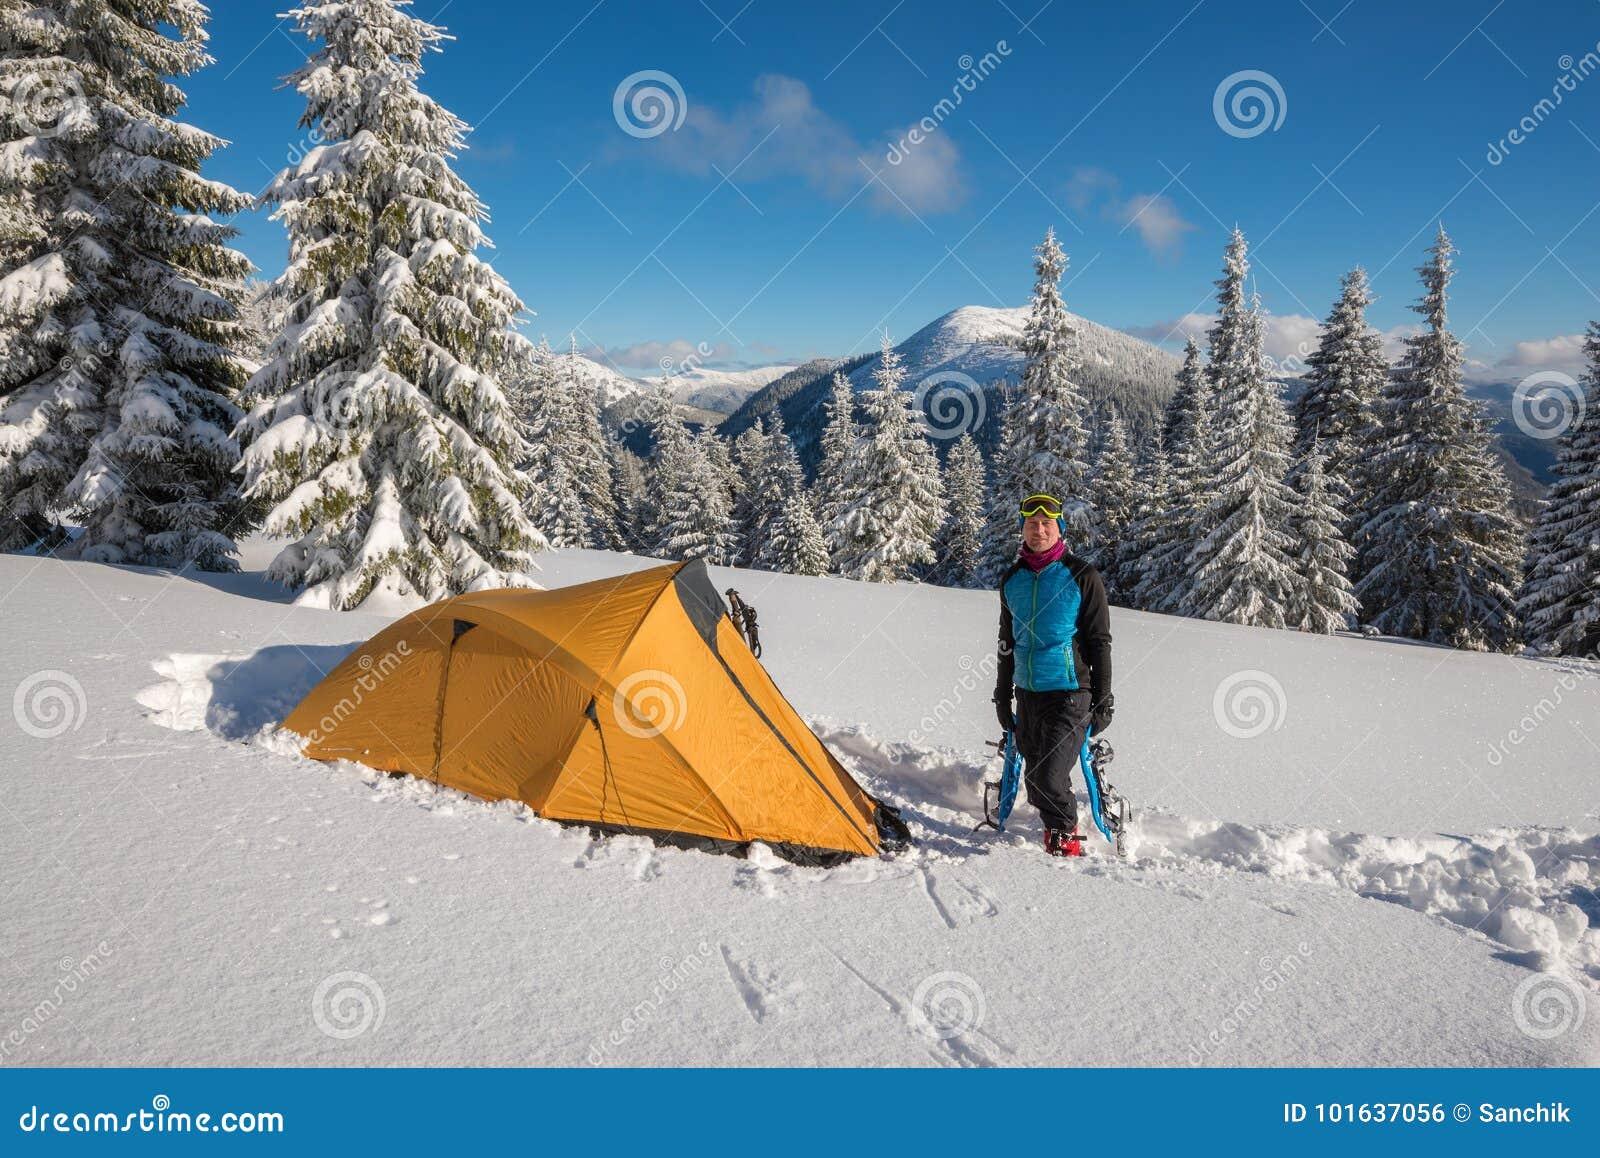 Ταξιδιωτικές στάσεις σε ένα βαθύ χιόνι κοντά σε μια σκηνή